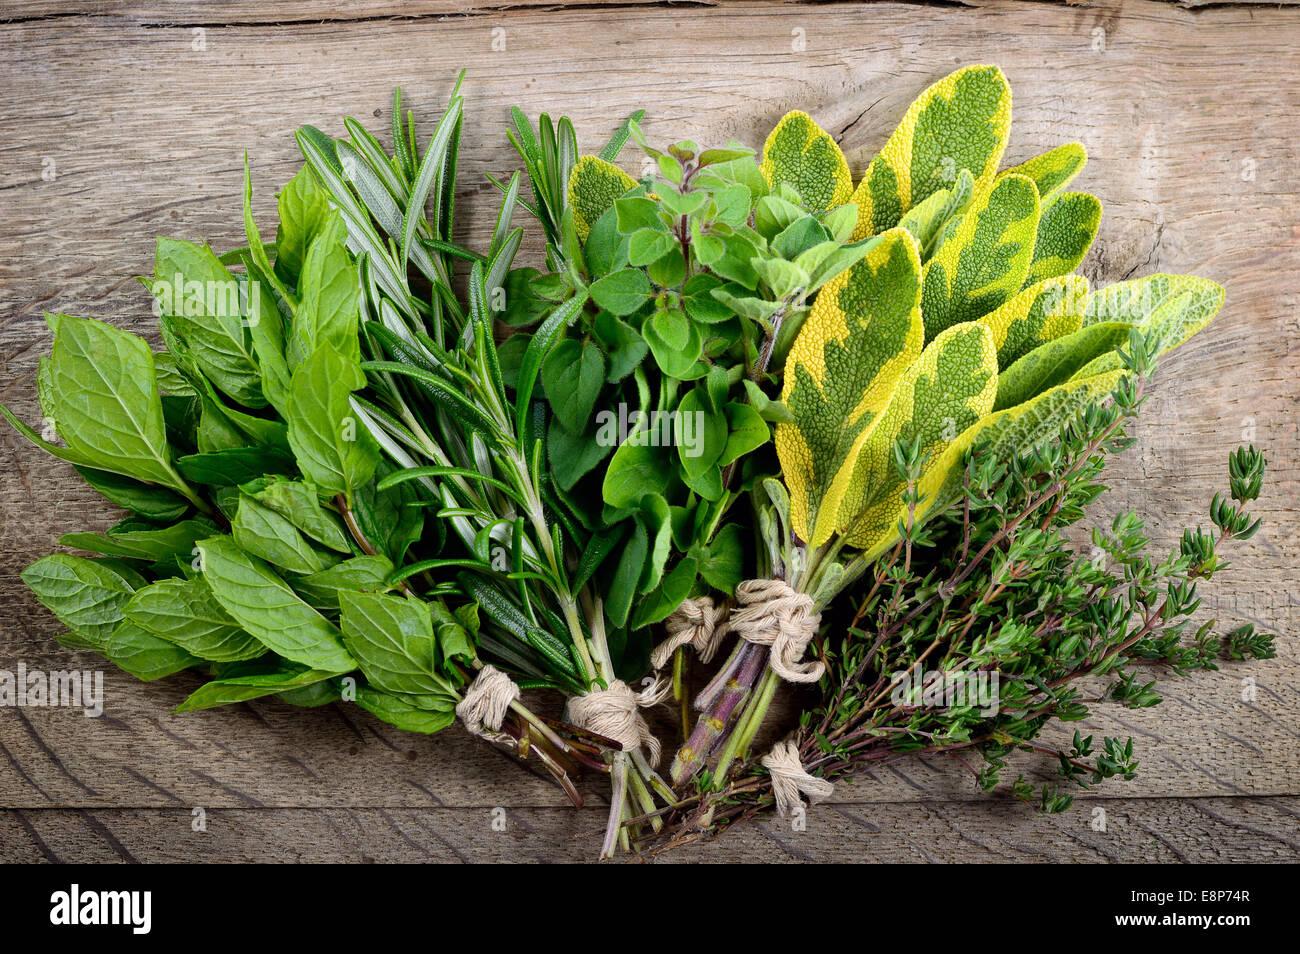 Appena raccolto erbe, mazzetto di erbe aromatiche fresche su sfondo di legno. Immagini Stock